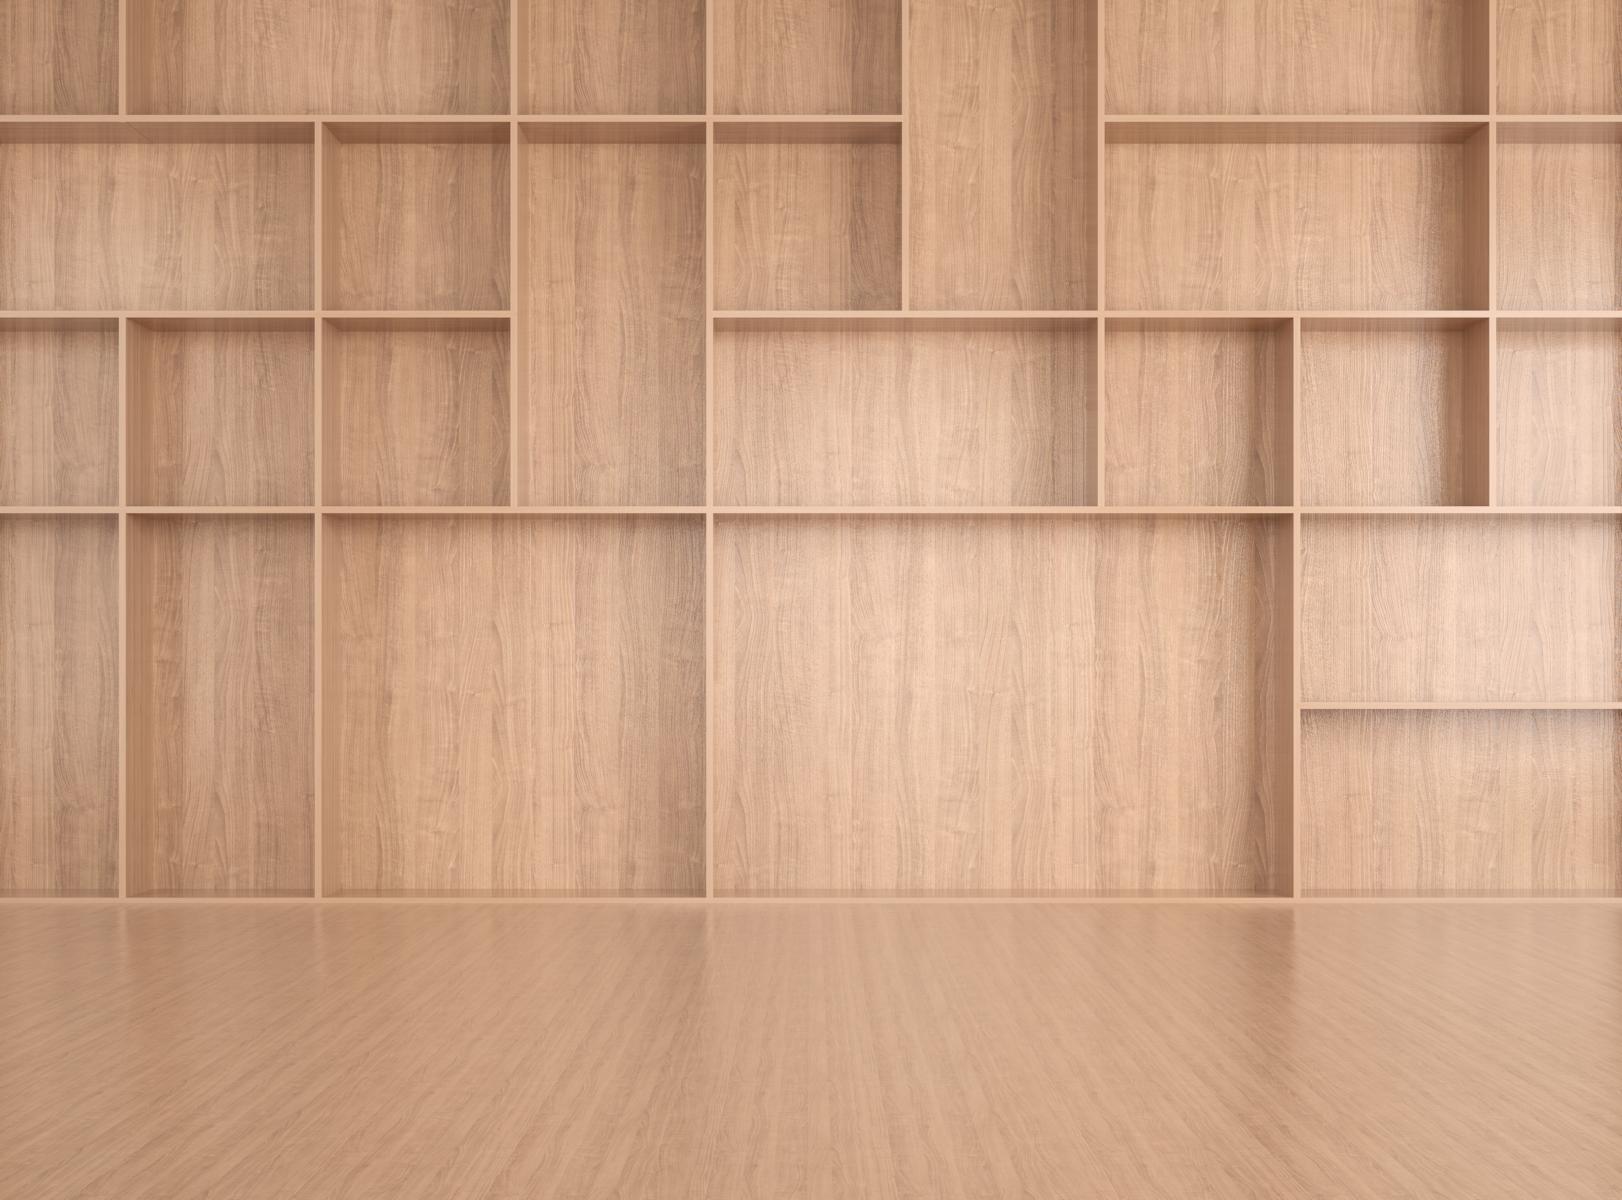 Leerer Raum mit leerem Regal